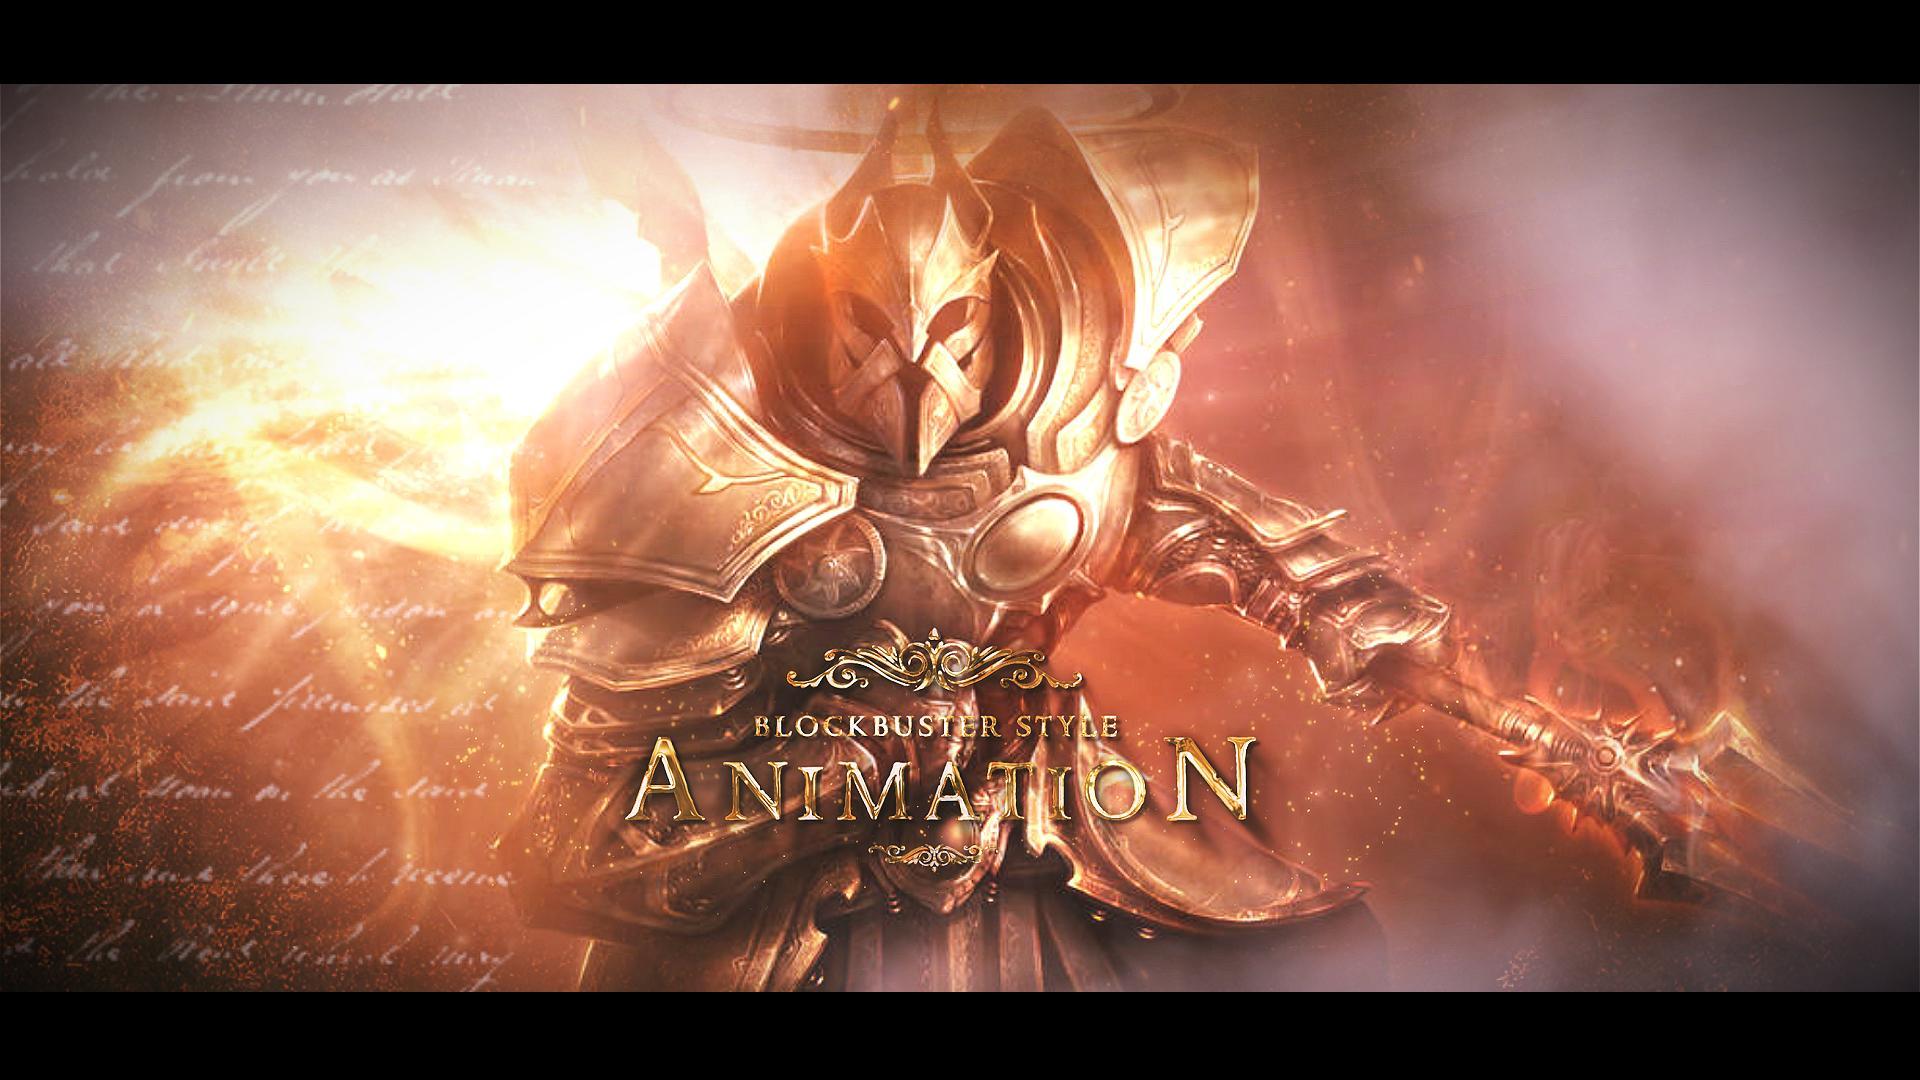 史诗电影预告片片头视频设计AE模板 Archangel – Epic Fantasy Trailer插图(3)